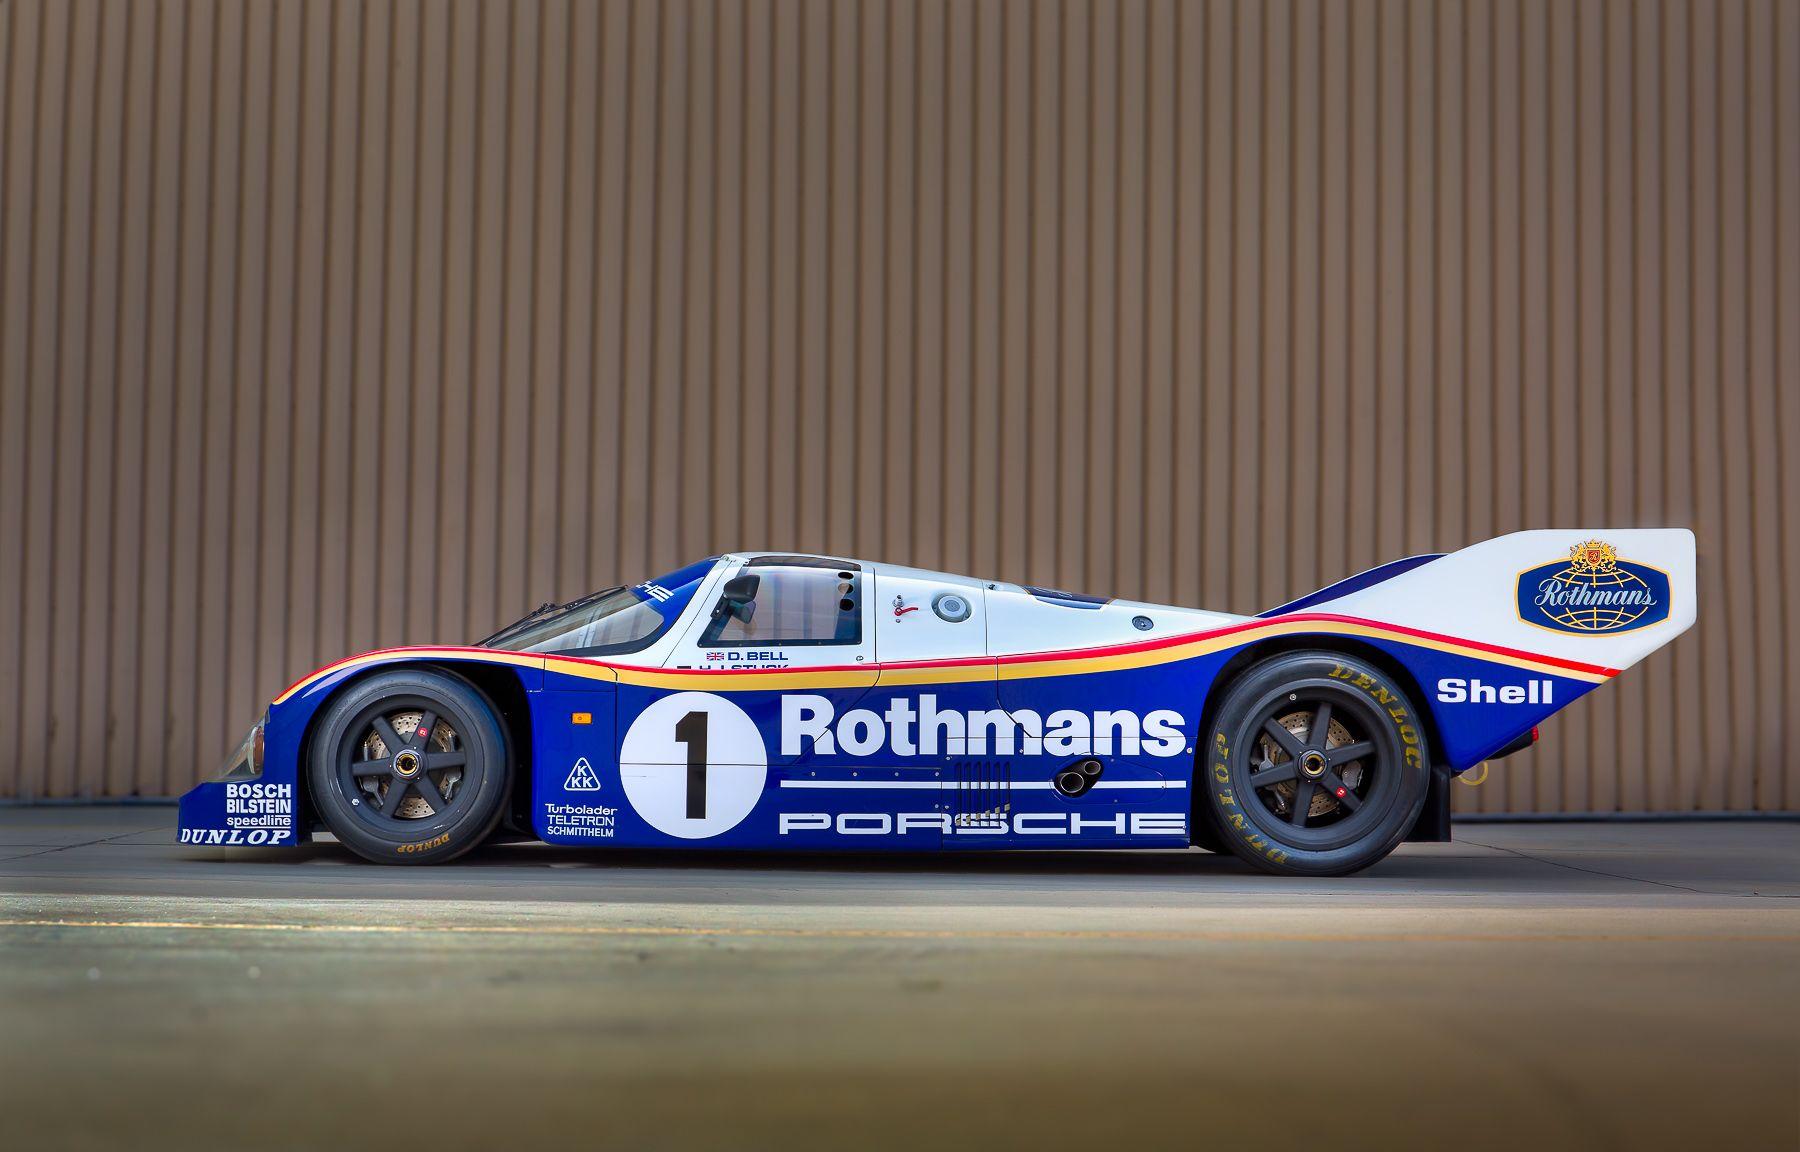 ROTHMANS-0596 MASTER.jpg